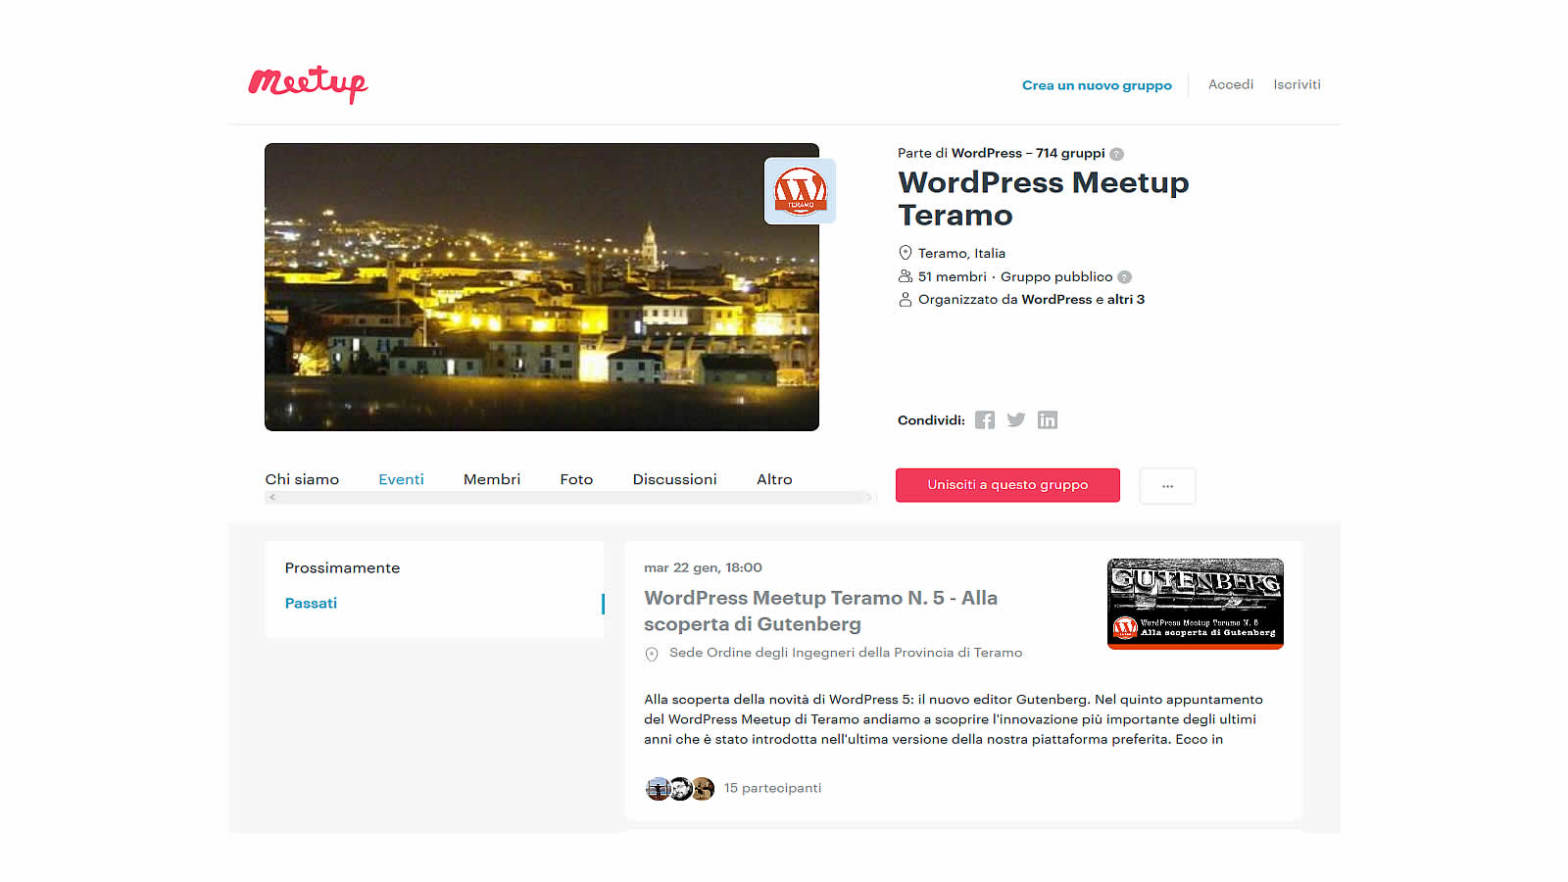 Manuale iscrizione gratuita al WordPress Meetup di Teramo header